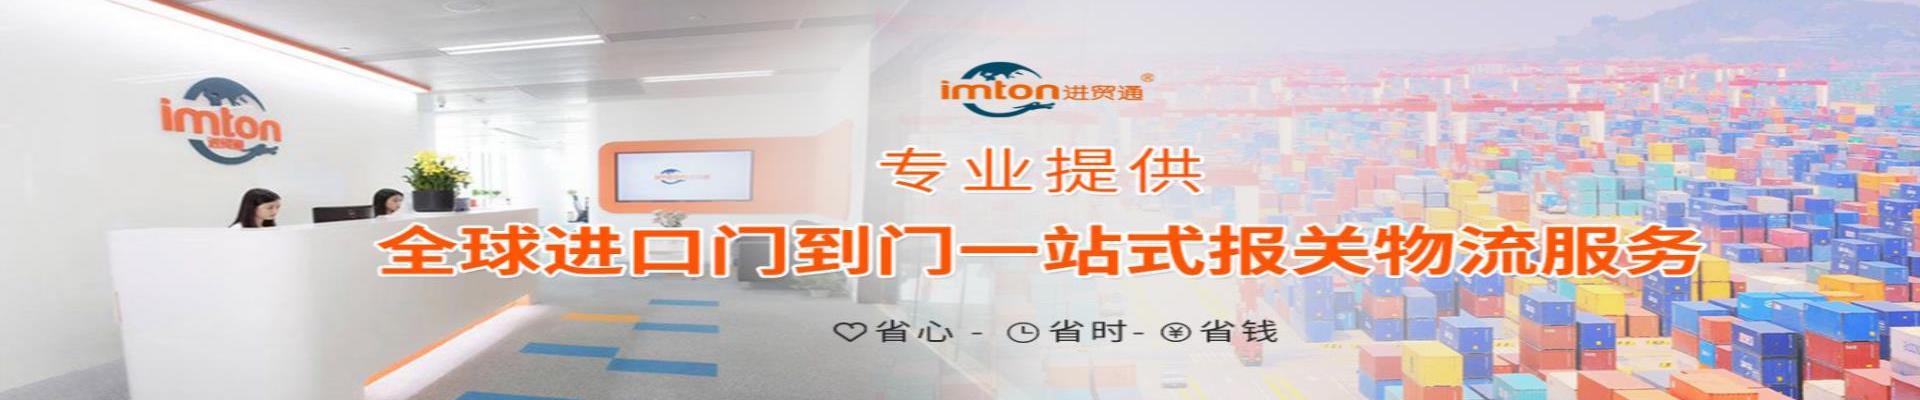 萬享進貿通供應鏈(上海)有限公司公司介紹